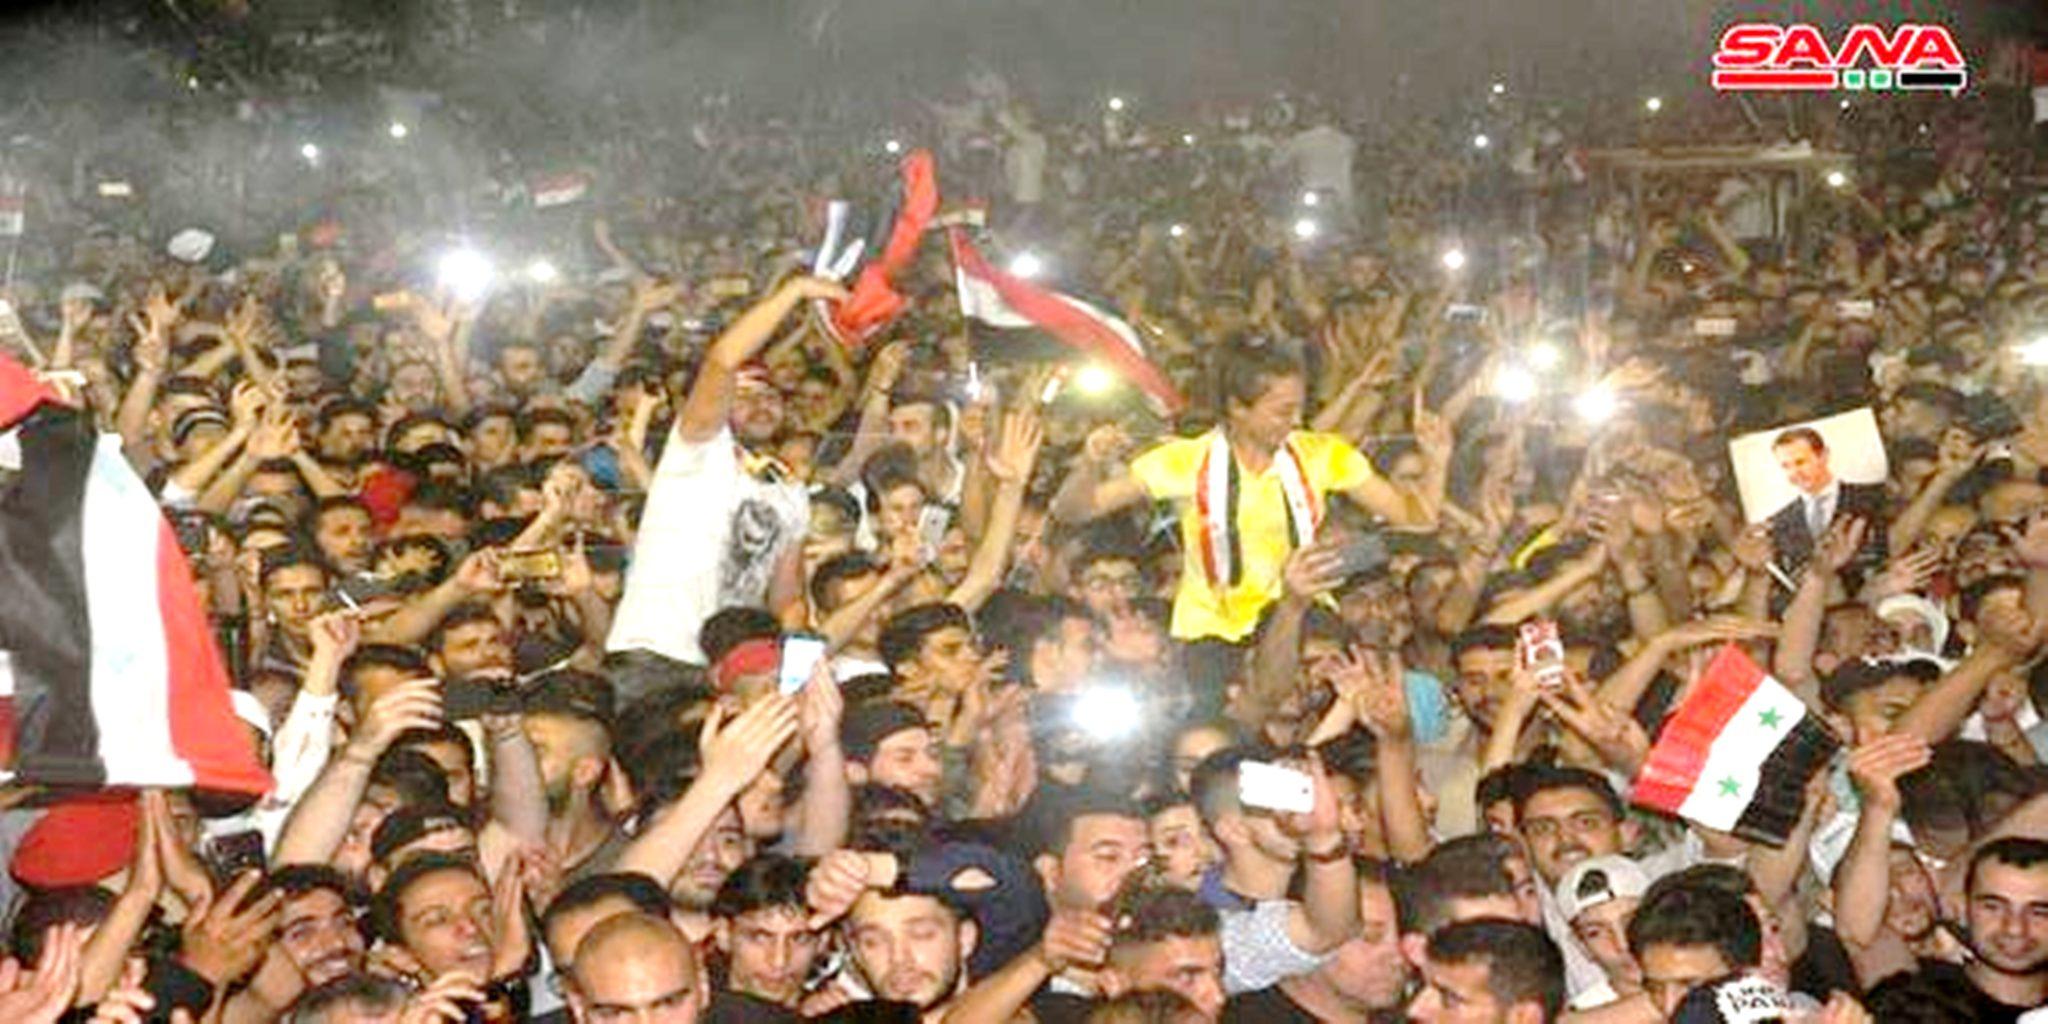 Προεδρικές εκλογές στην Αραβική Δημοκρατία της Συρίας